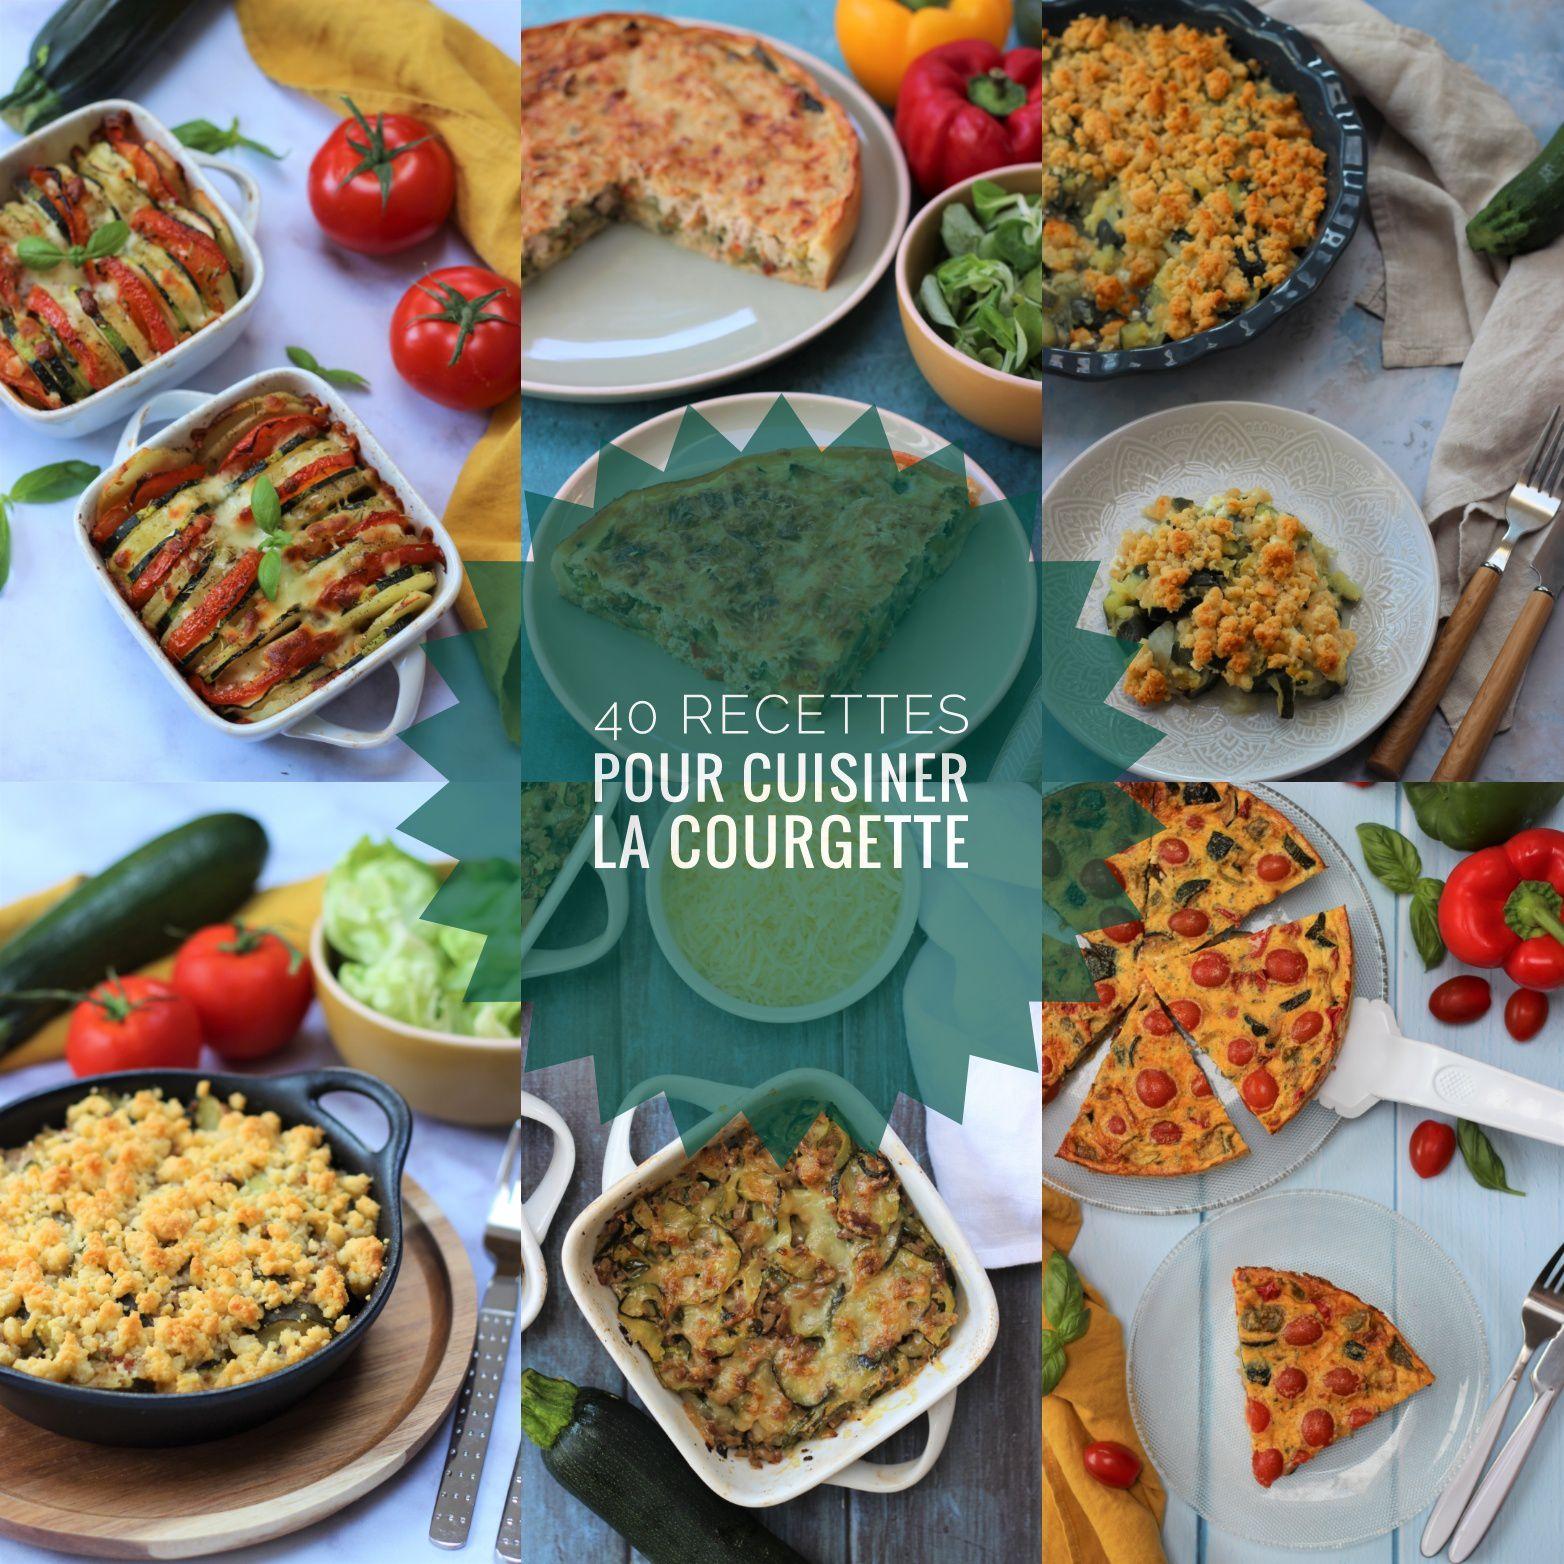 40 recettes pour cuisiner la courgette